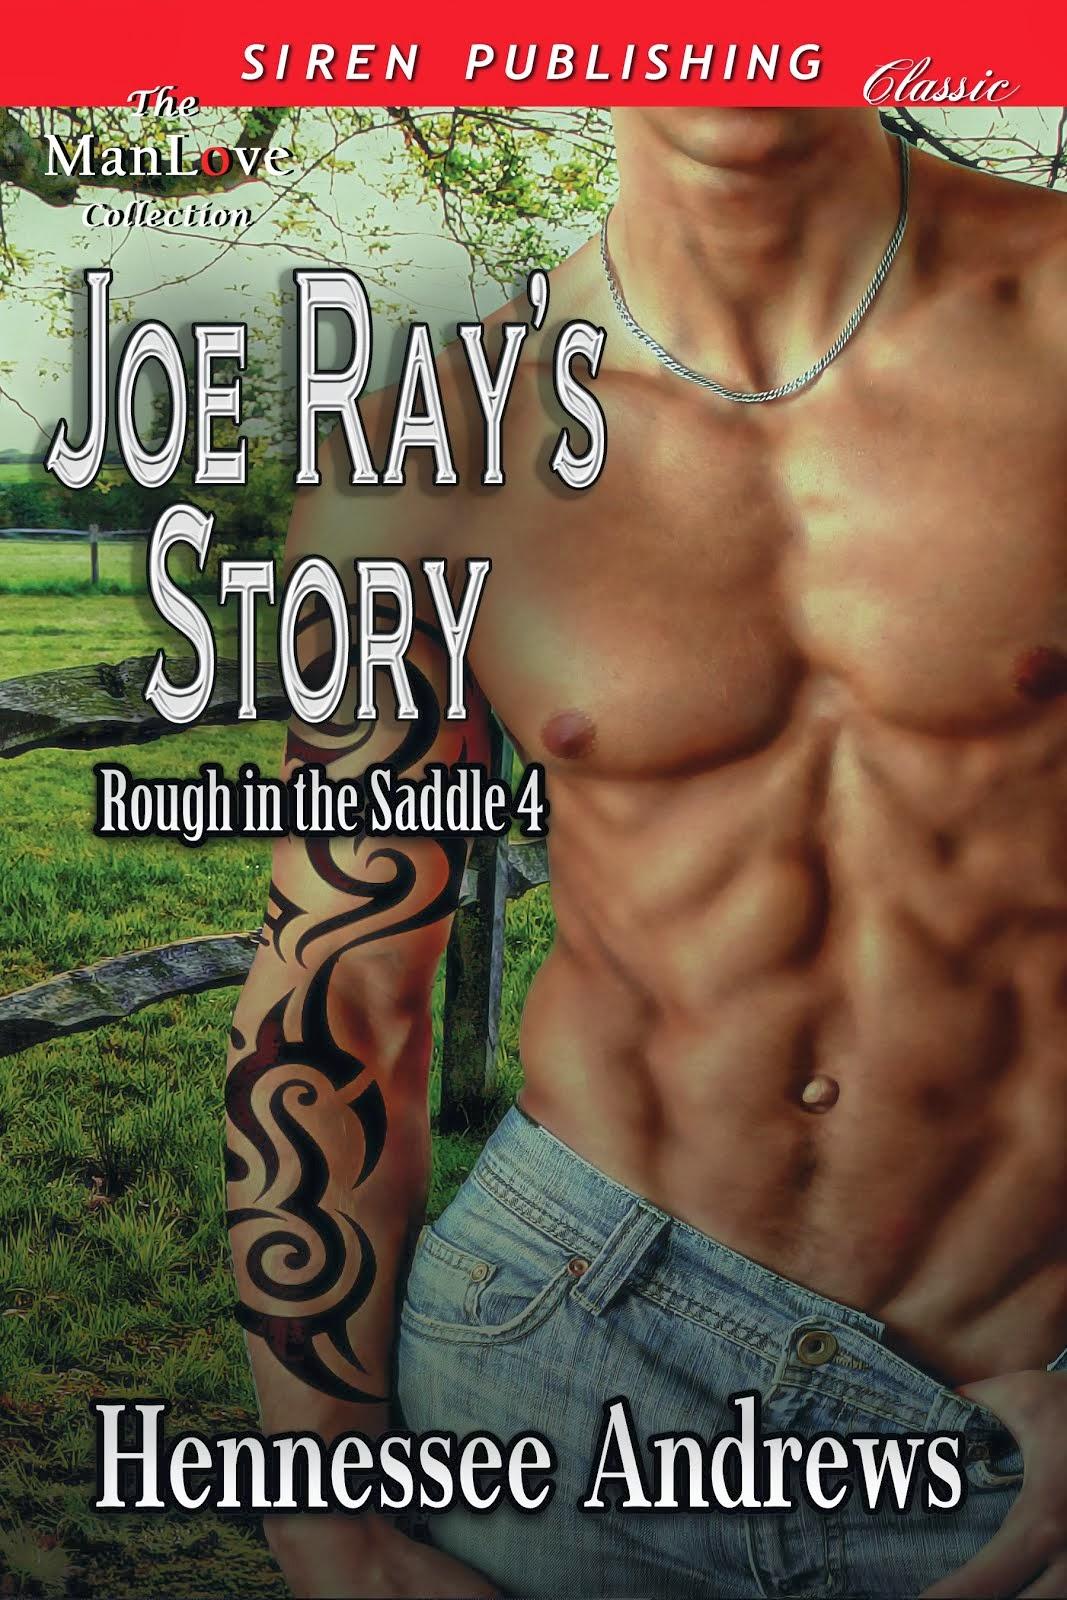 Joe Ray's Story